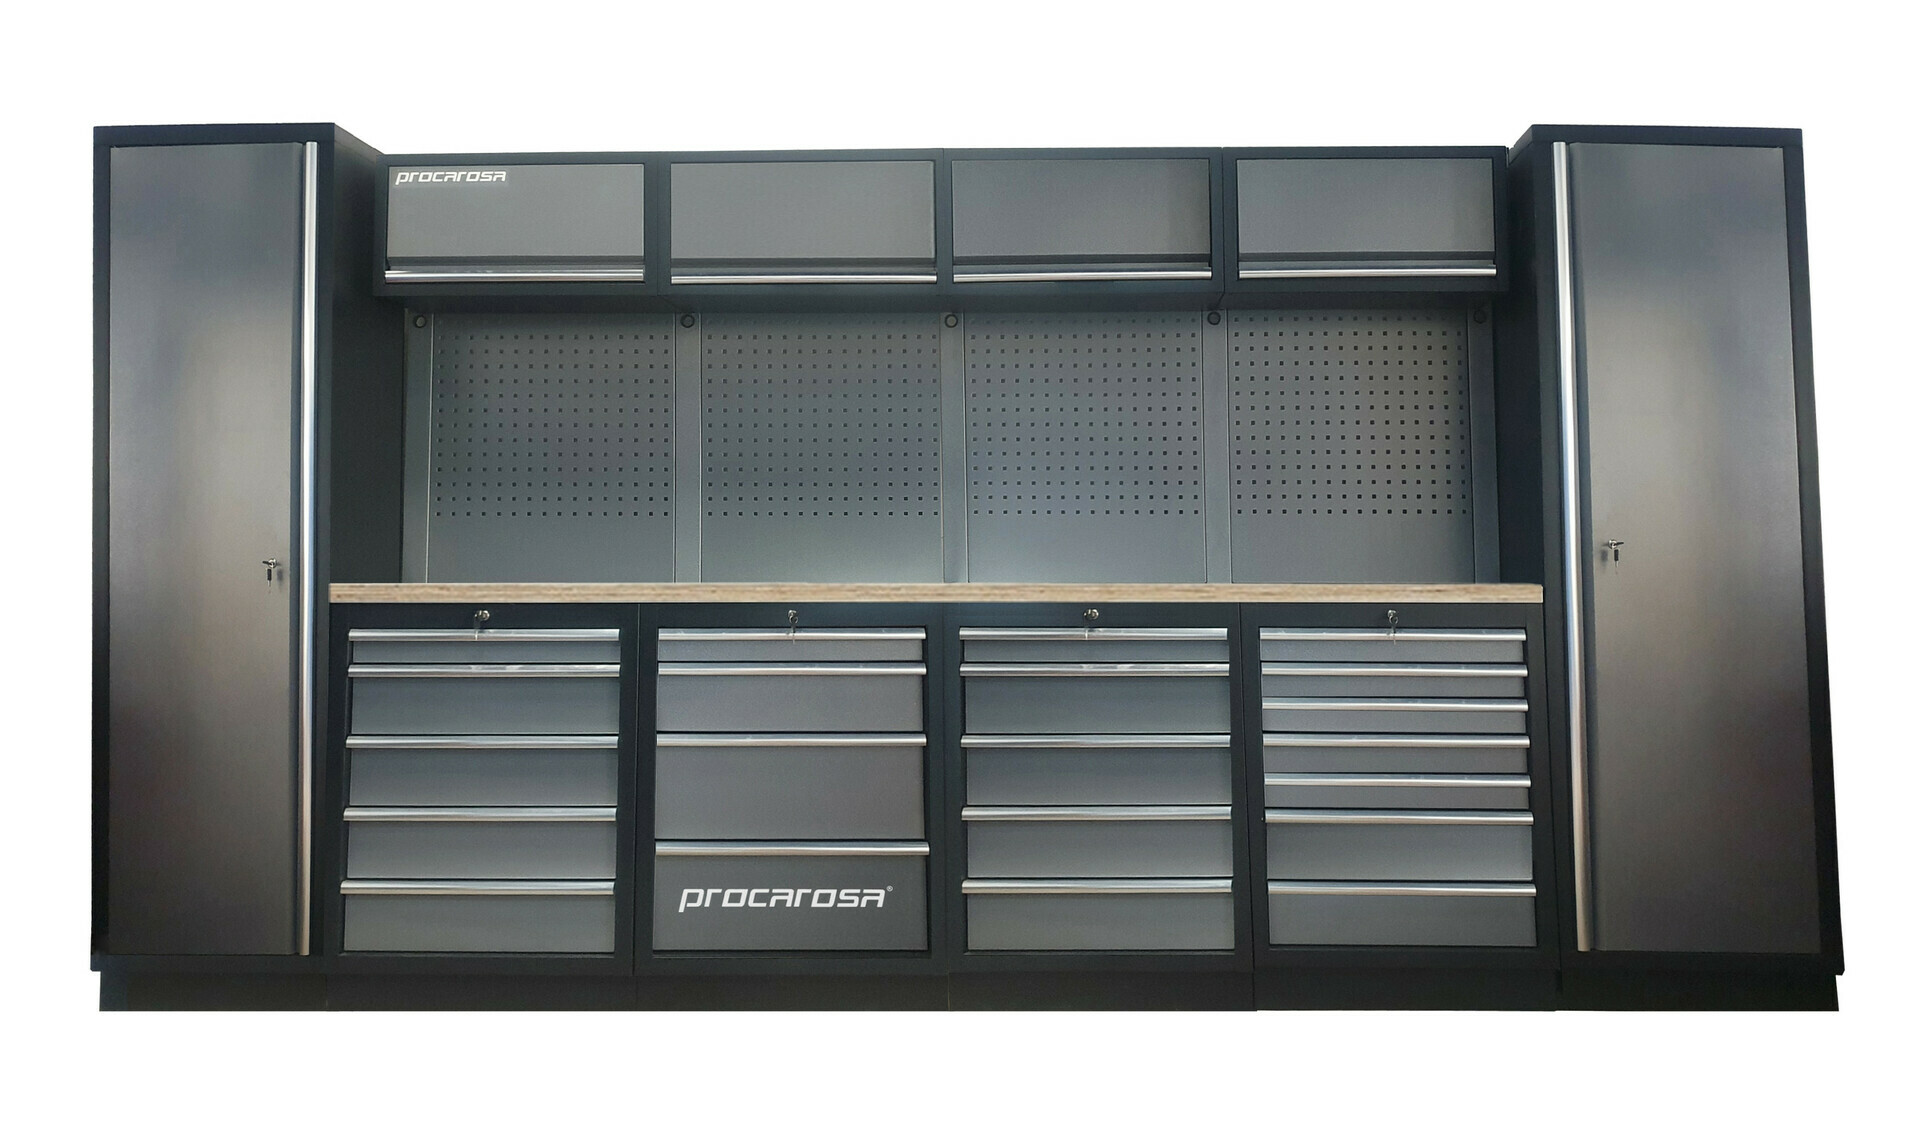 Sestava dílenského nábytku Procarosa PROFESSIONAL L-8 Pracovní deska: dřevěná, Hmotnost: 4